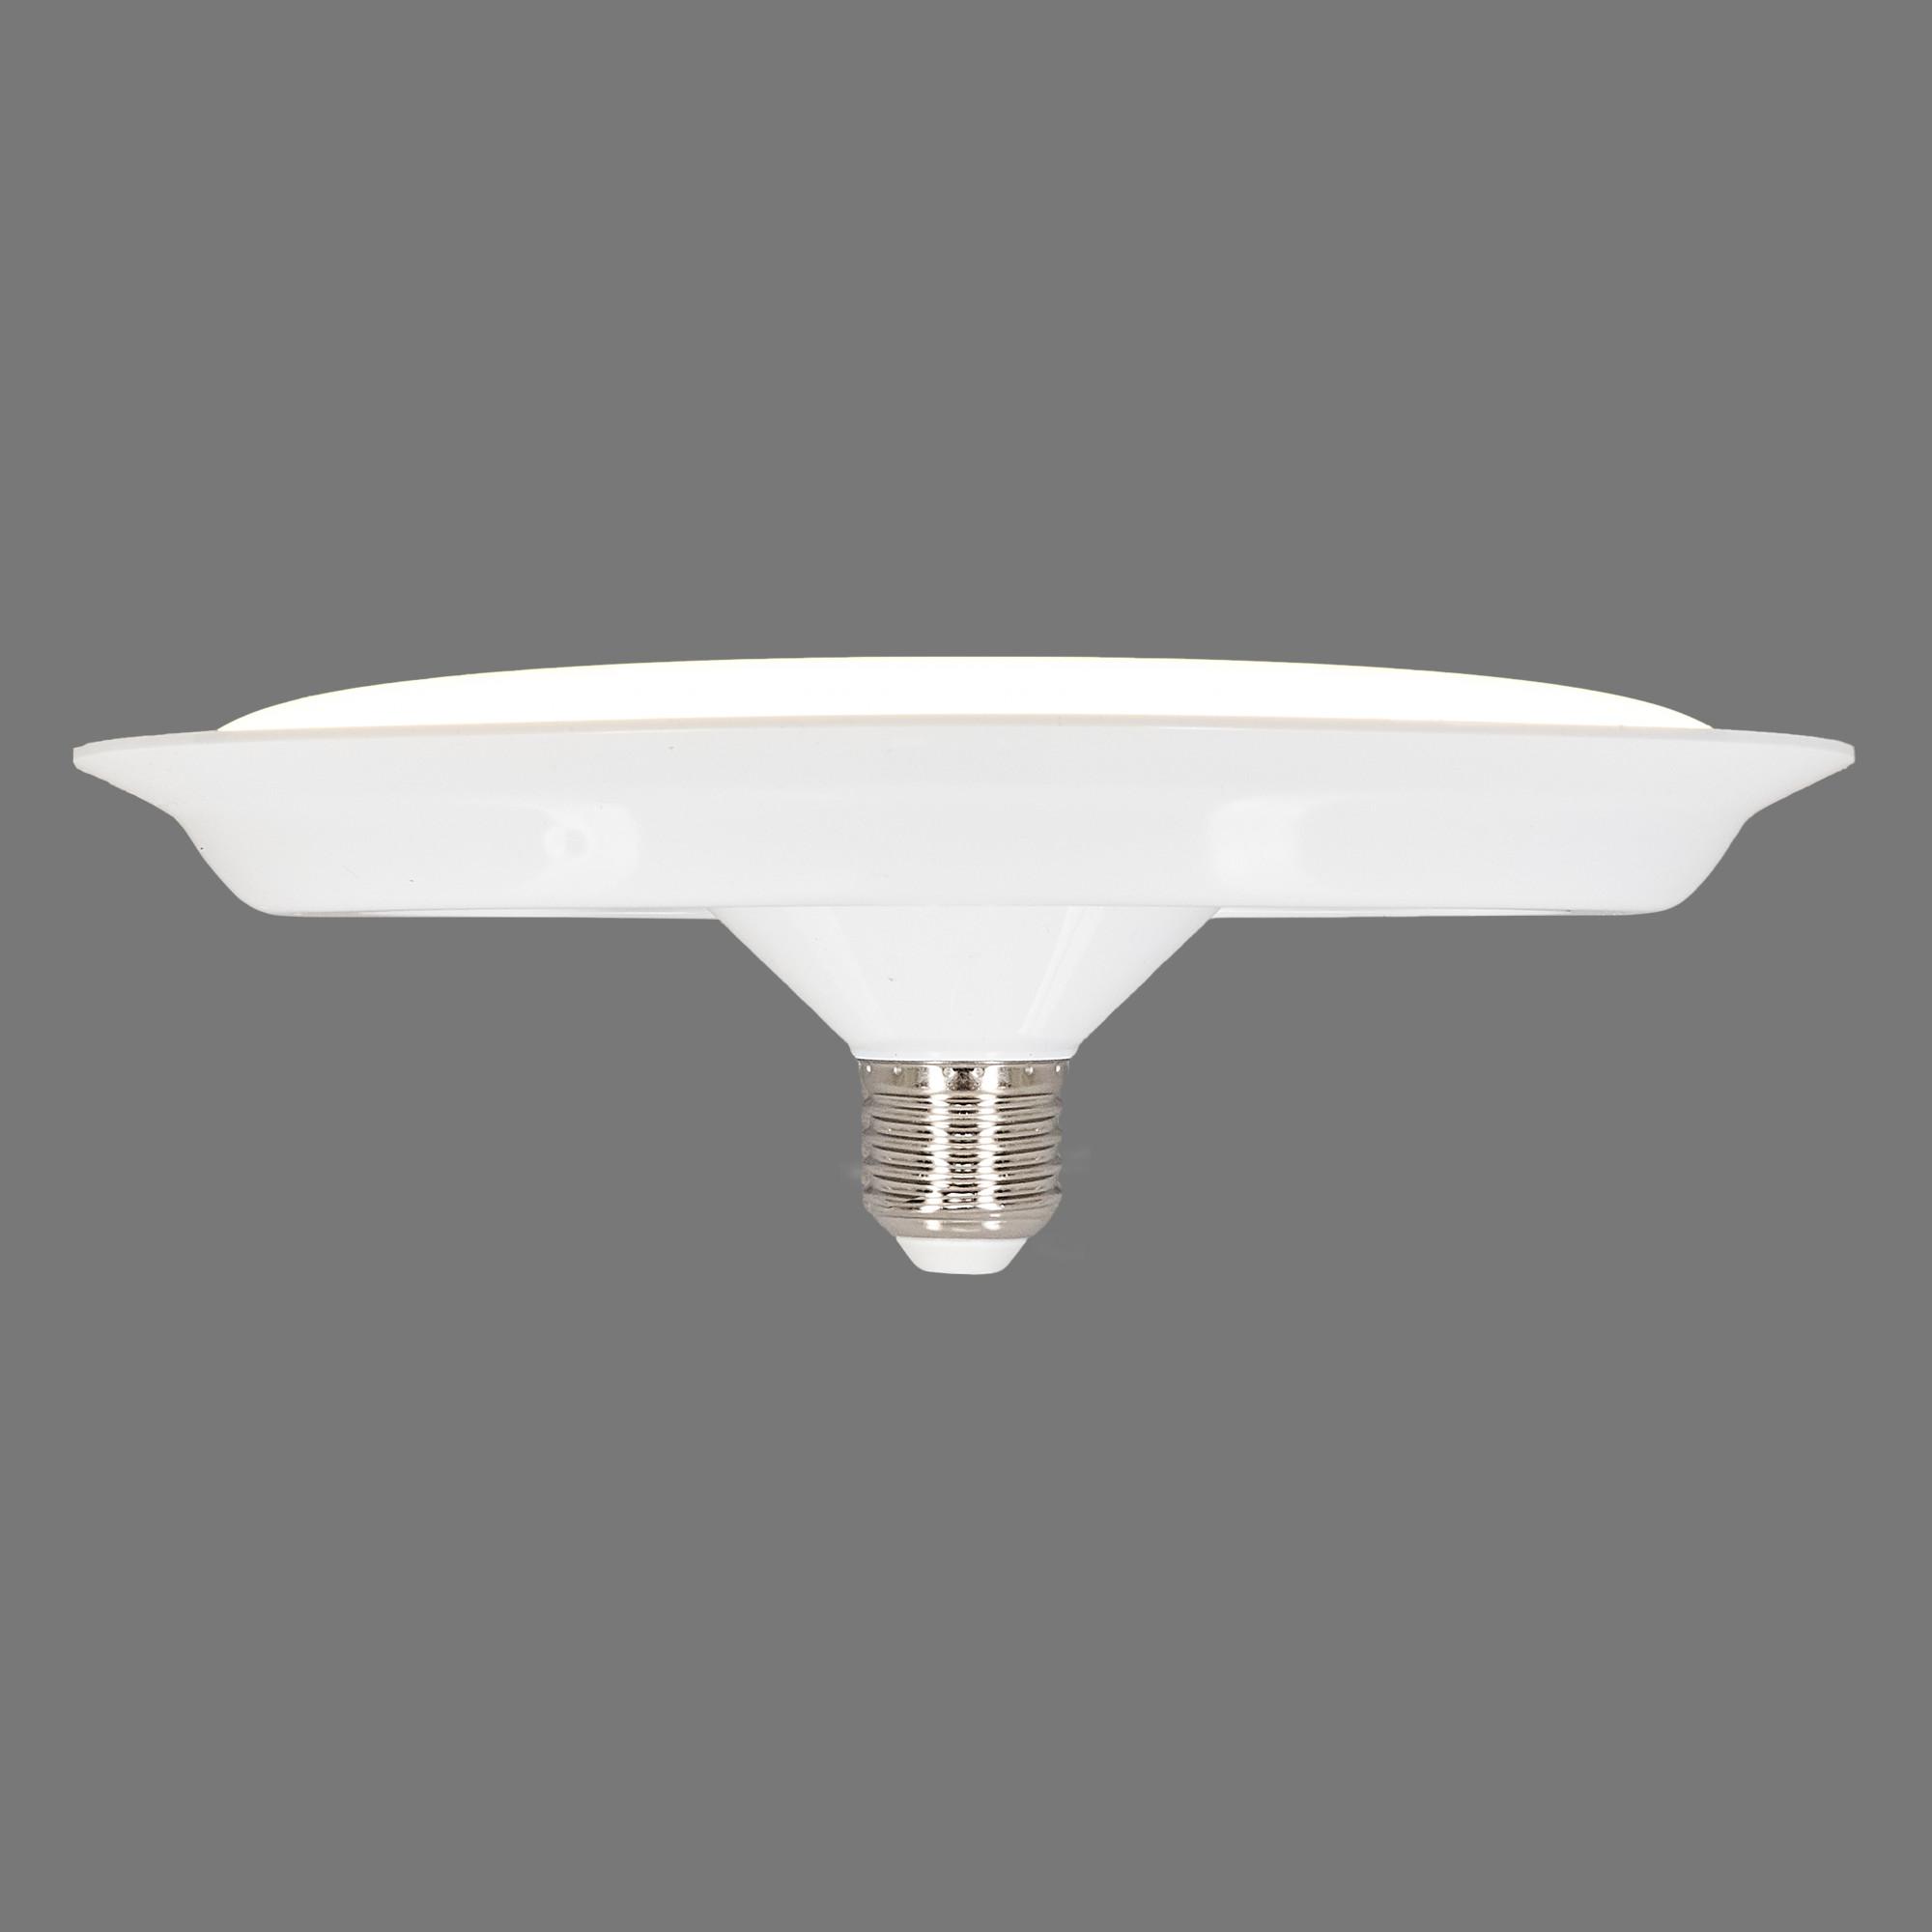 Лампа светодиодная Uniel UFO220 E27 220 В 40 Вт диск матовый 3200 лм тёплый белый свет